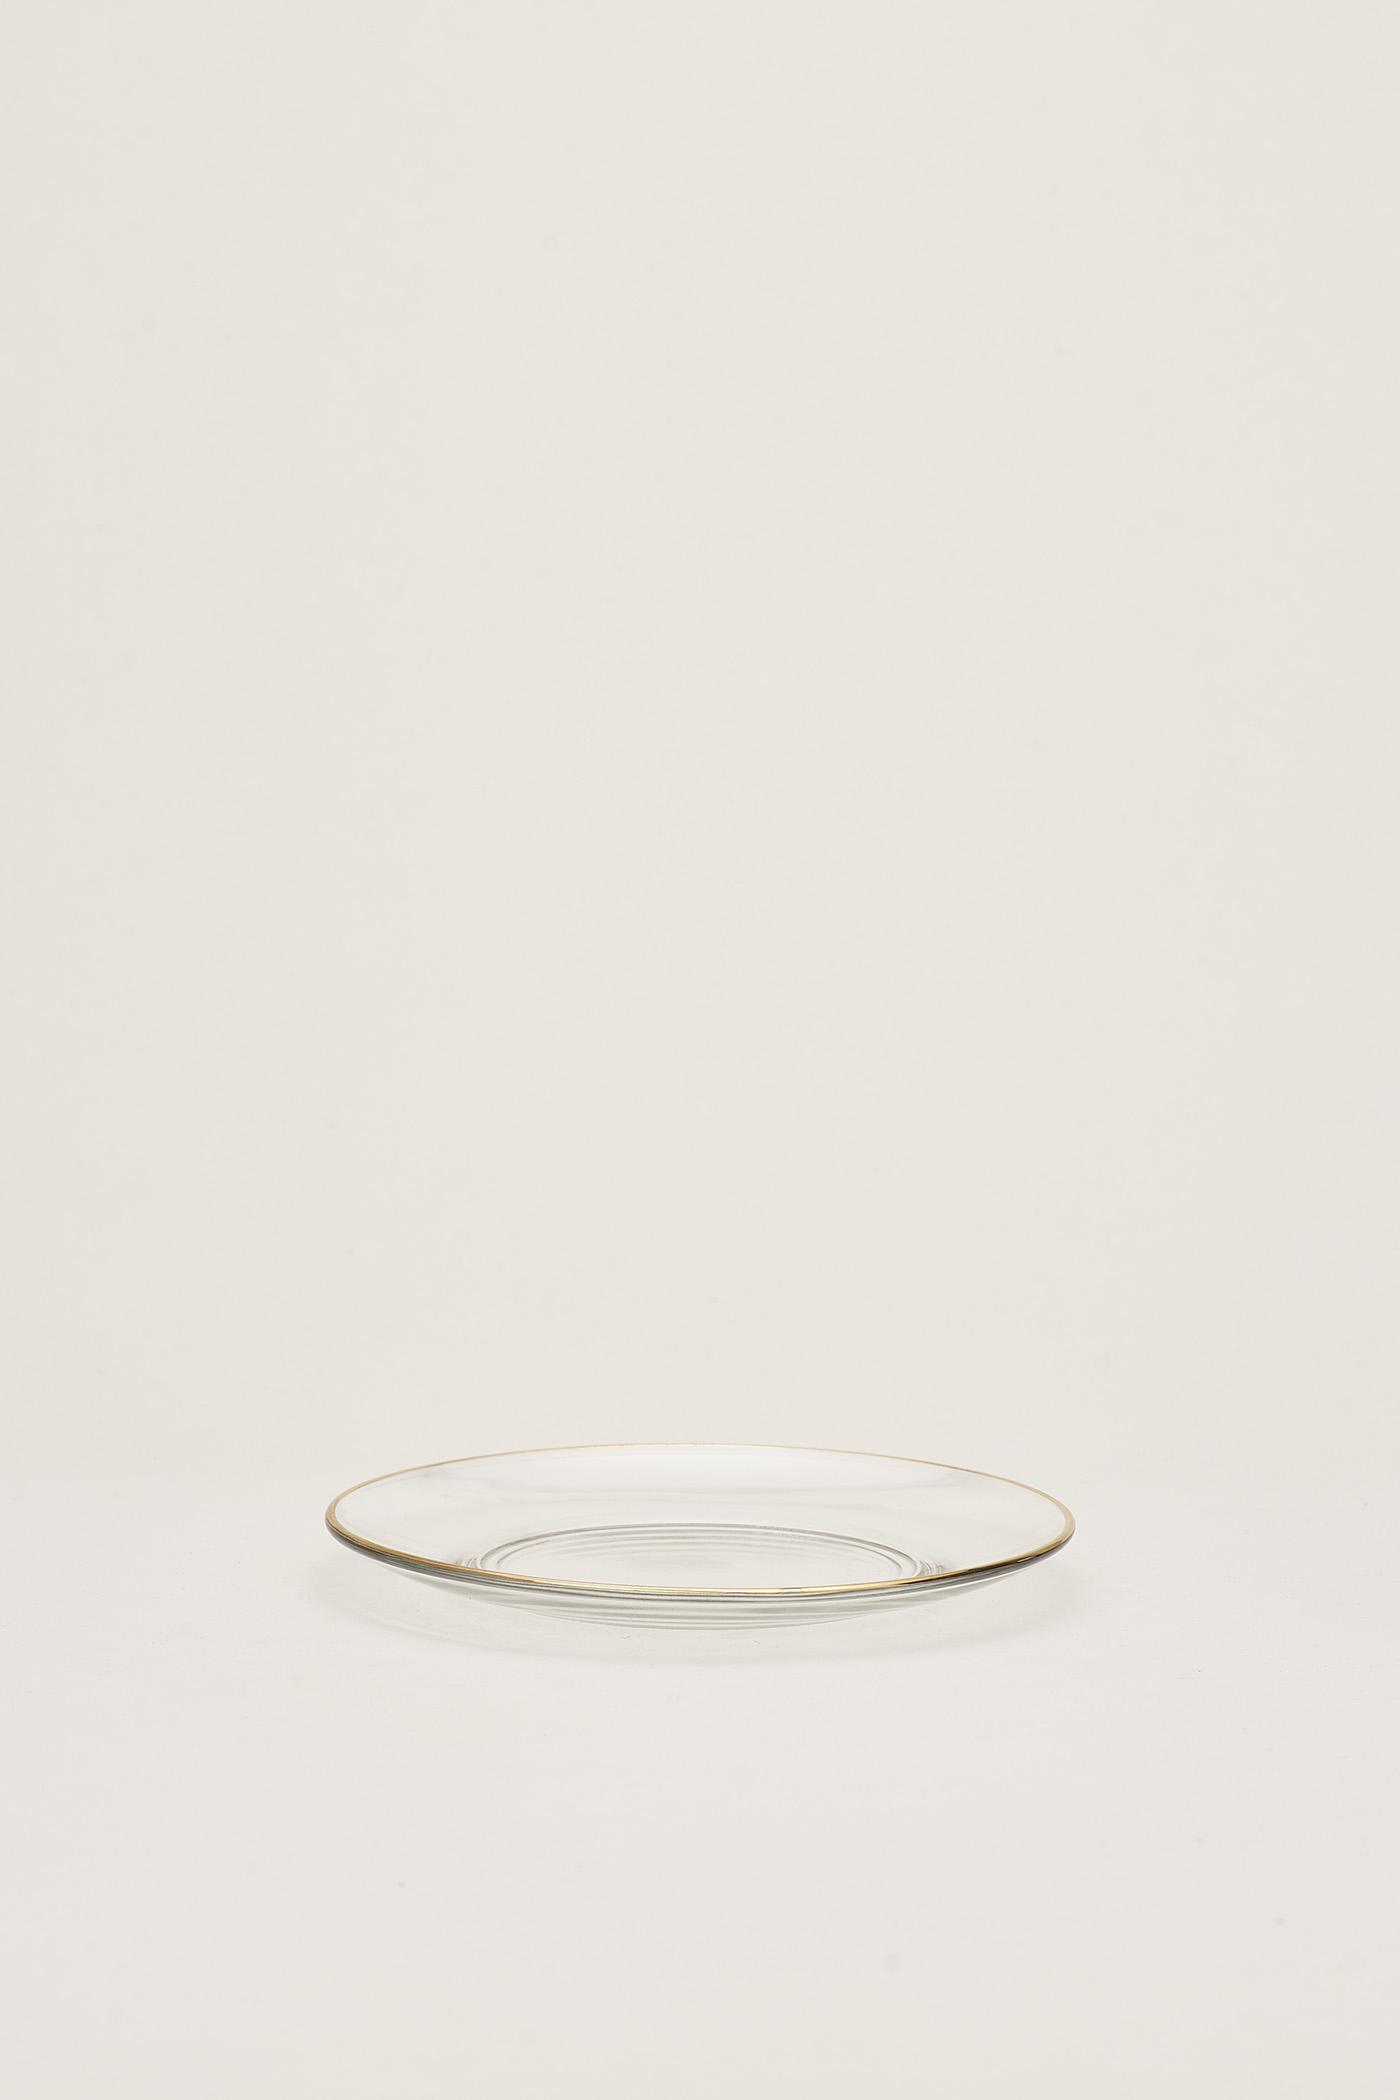 Asta Gold-Rim Plate